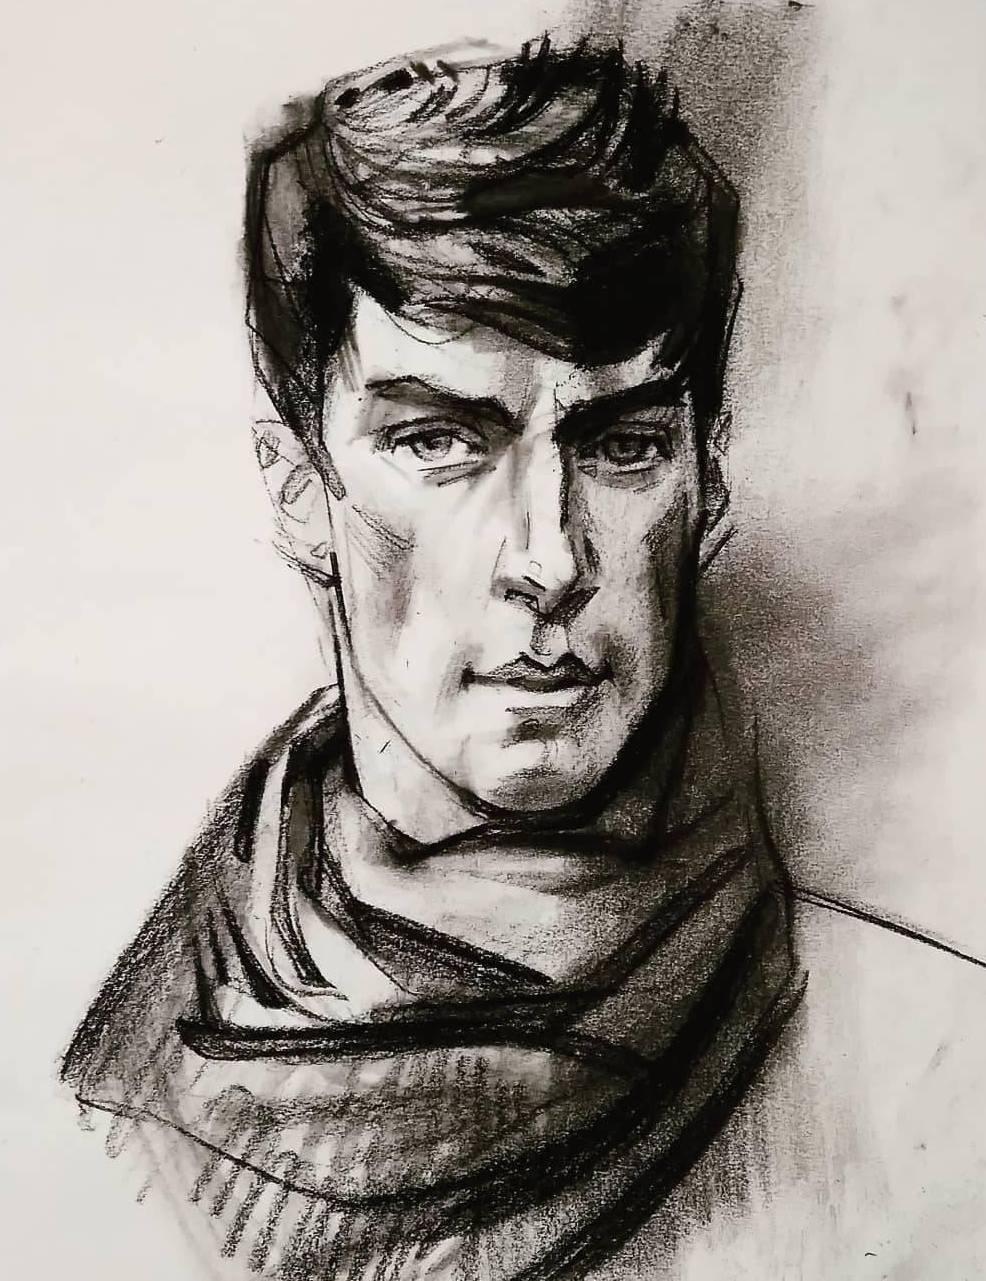 Виталий Викторович Котенджи. Portrait of a man